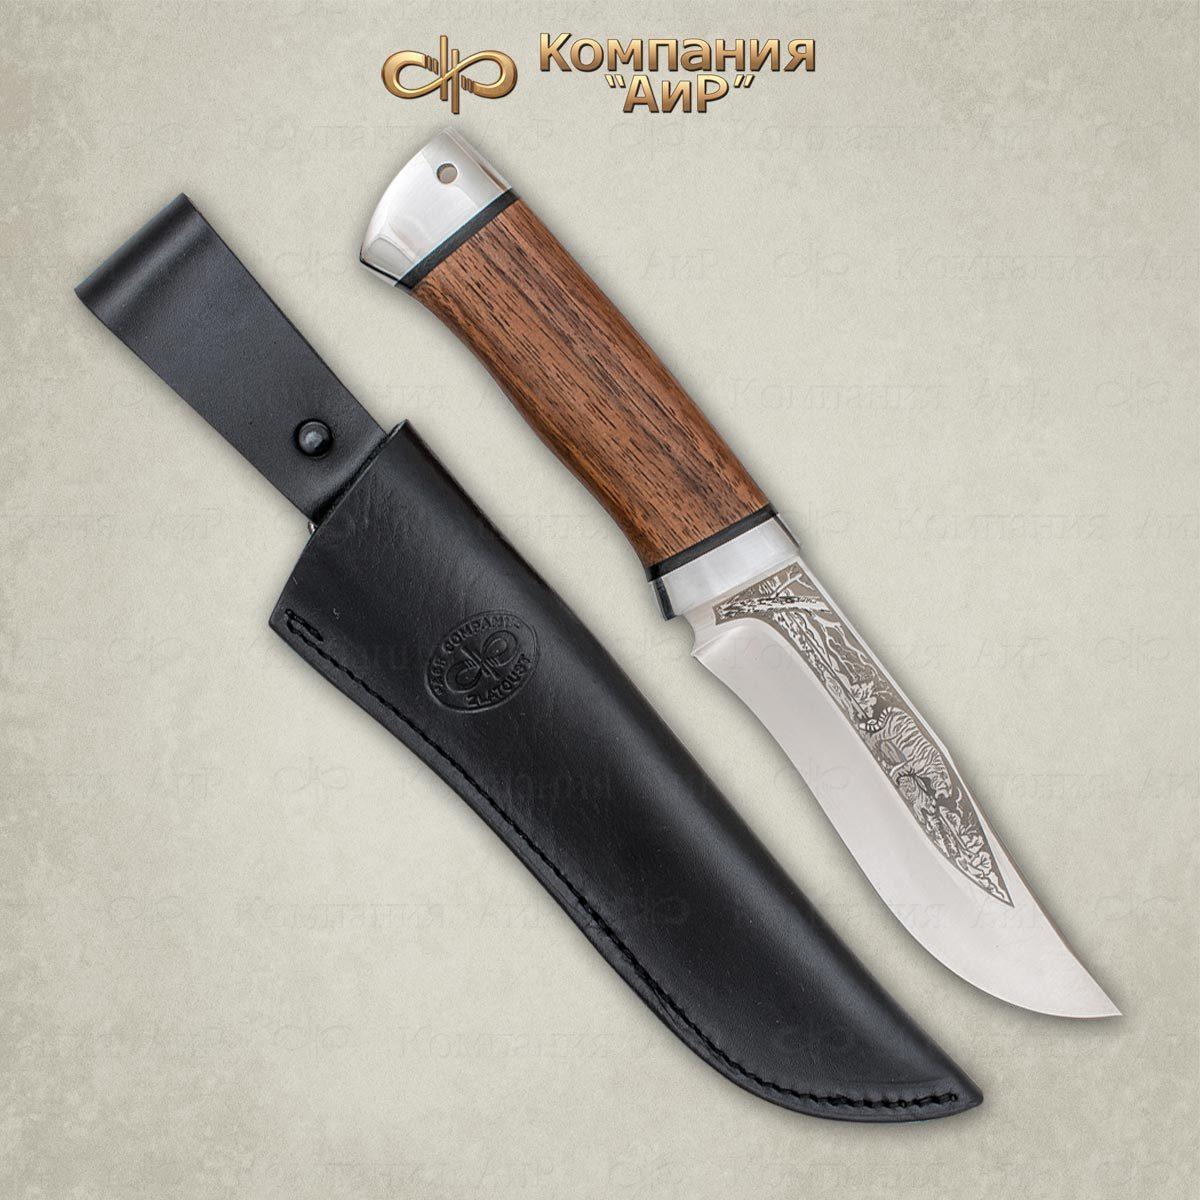 Нож разделочный АиР Клычок-3, сталь М390, рукоять дерево